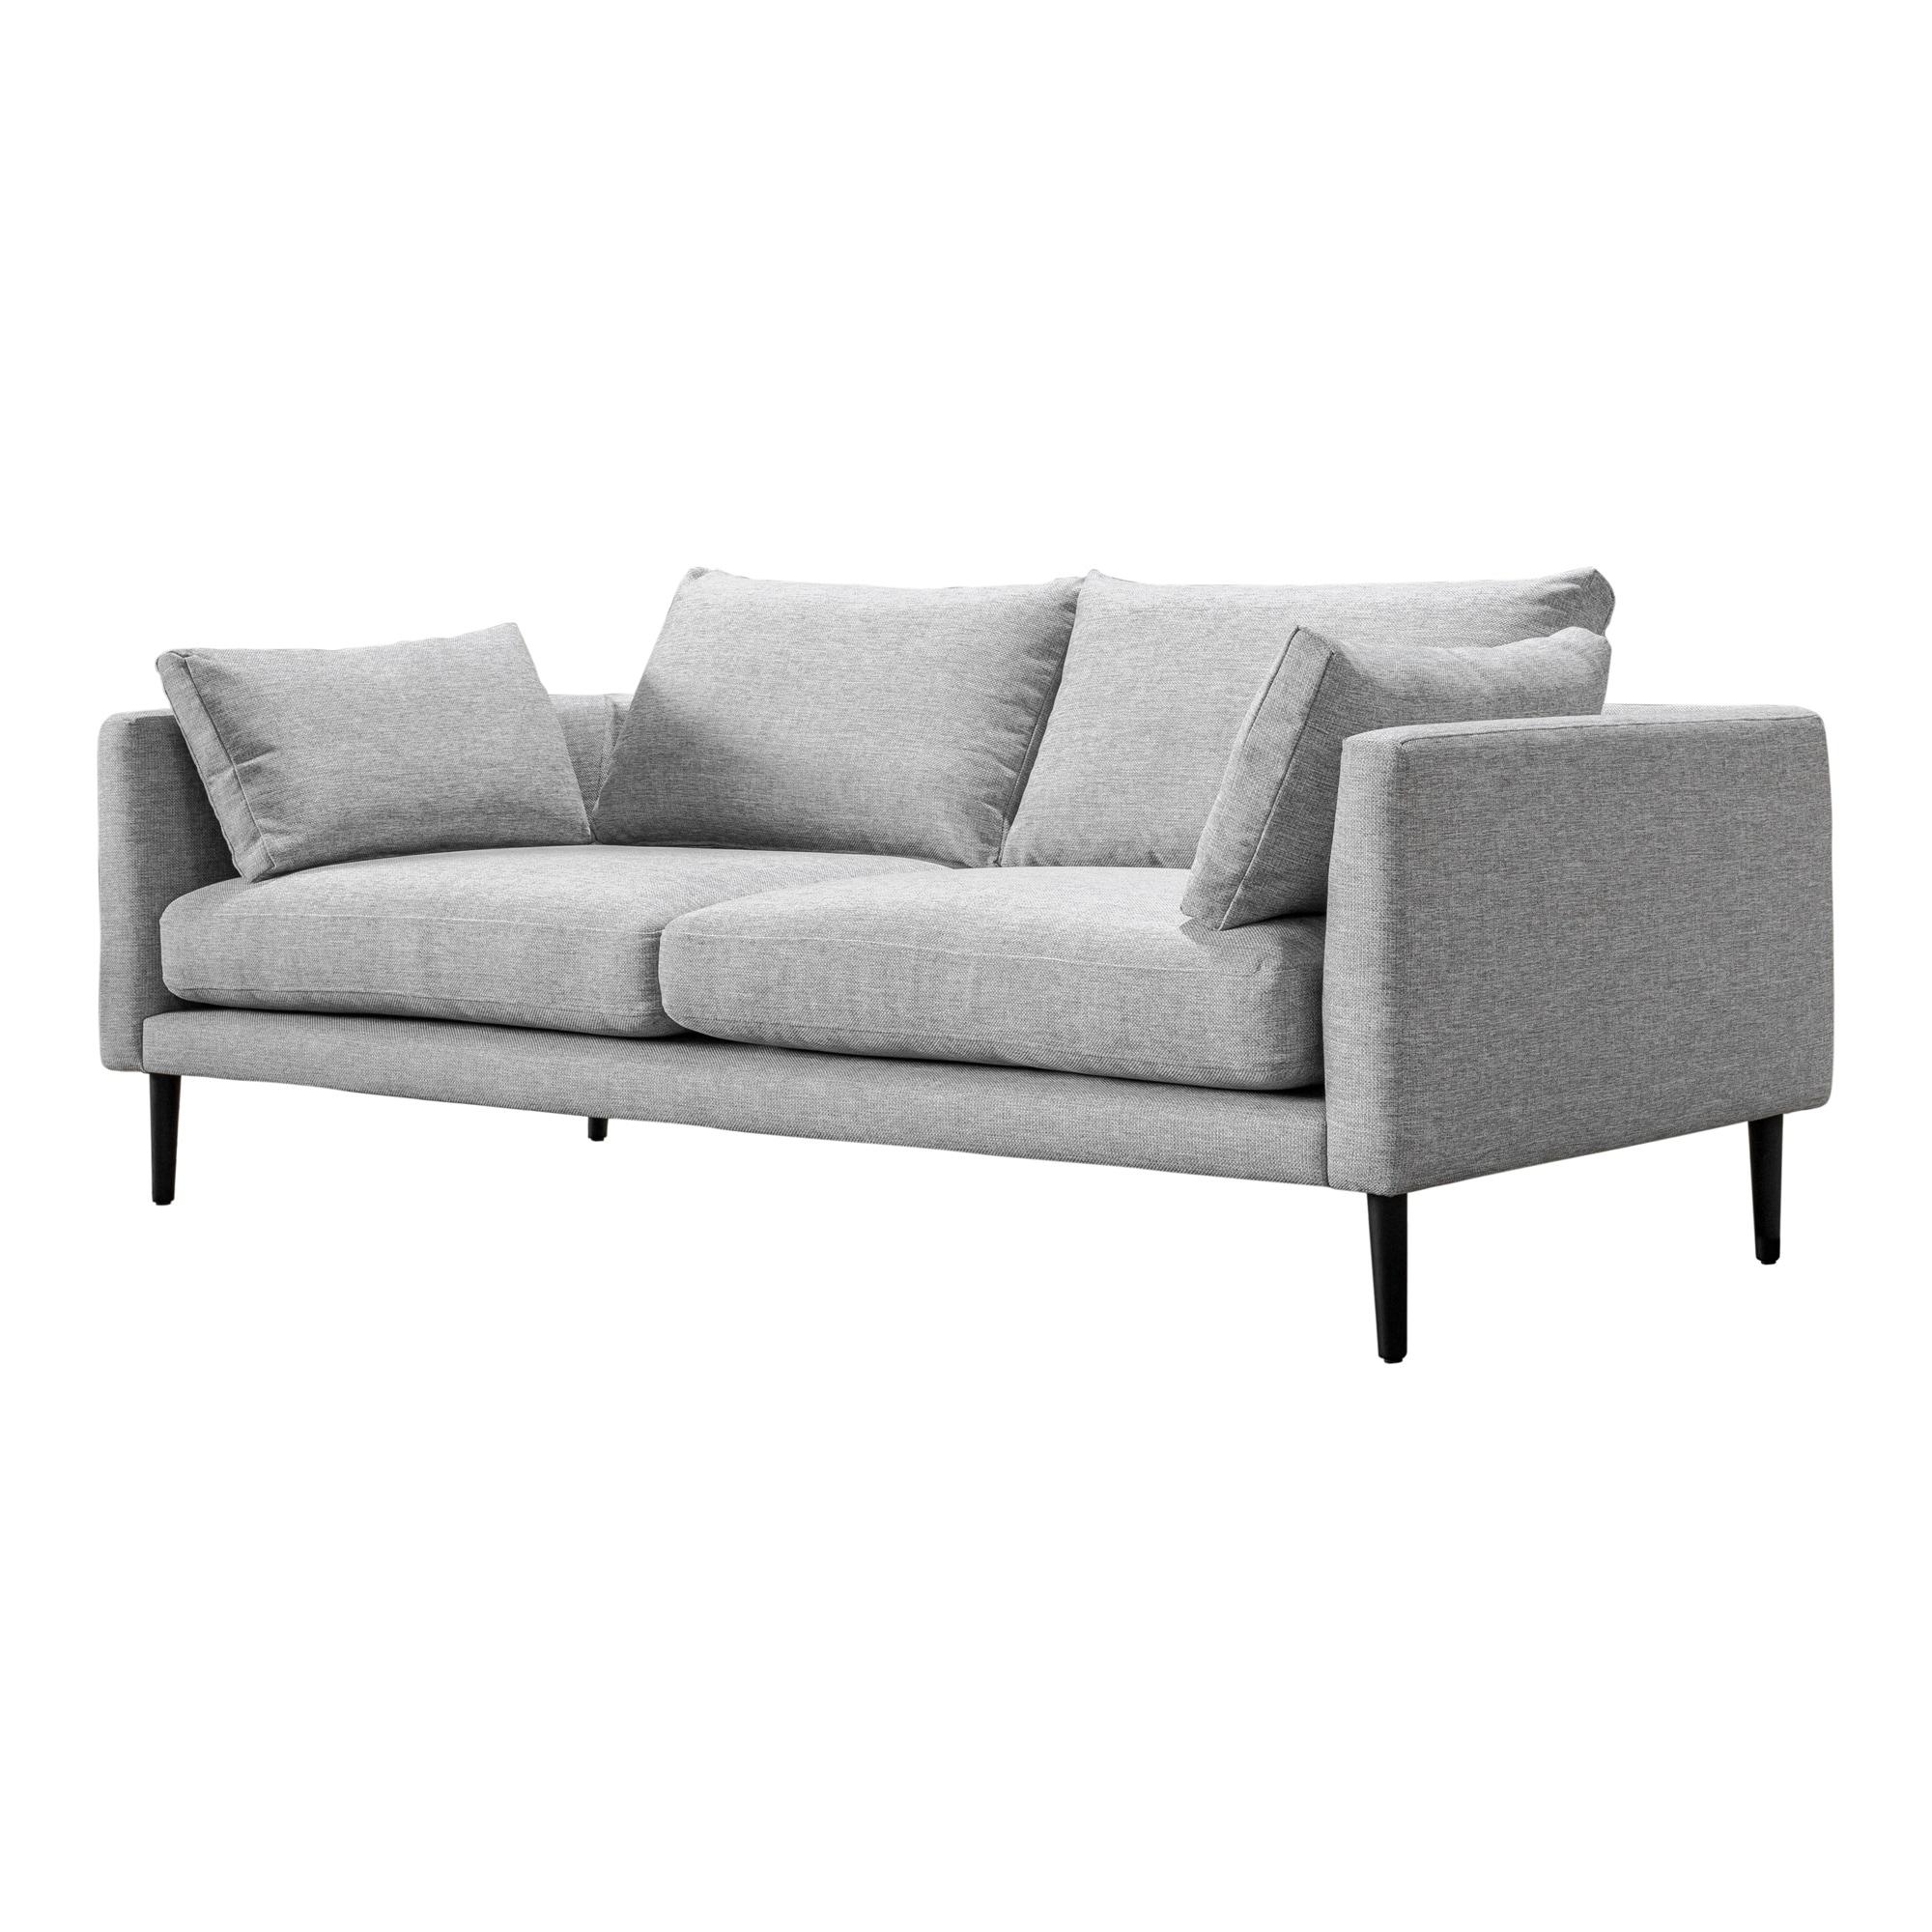 Aurelle Home Clean Line Contemporary Modern Sofa